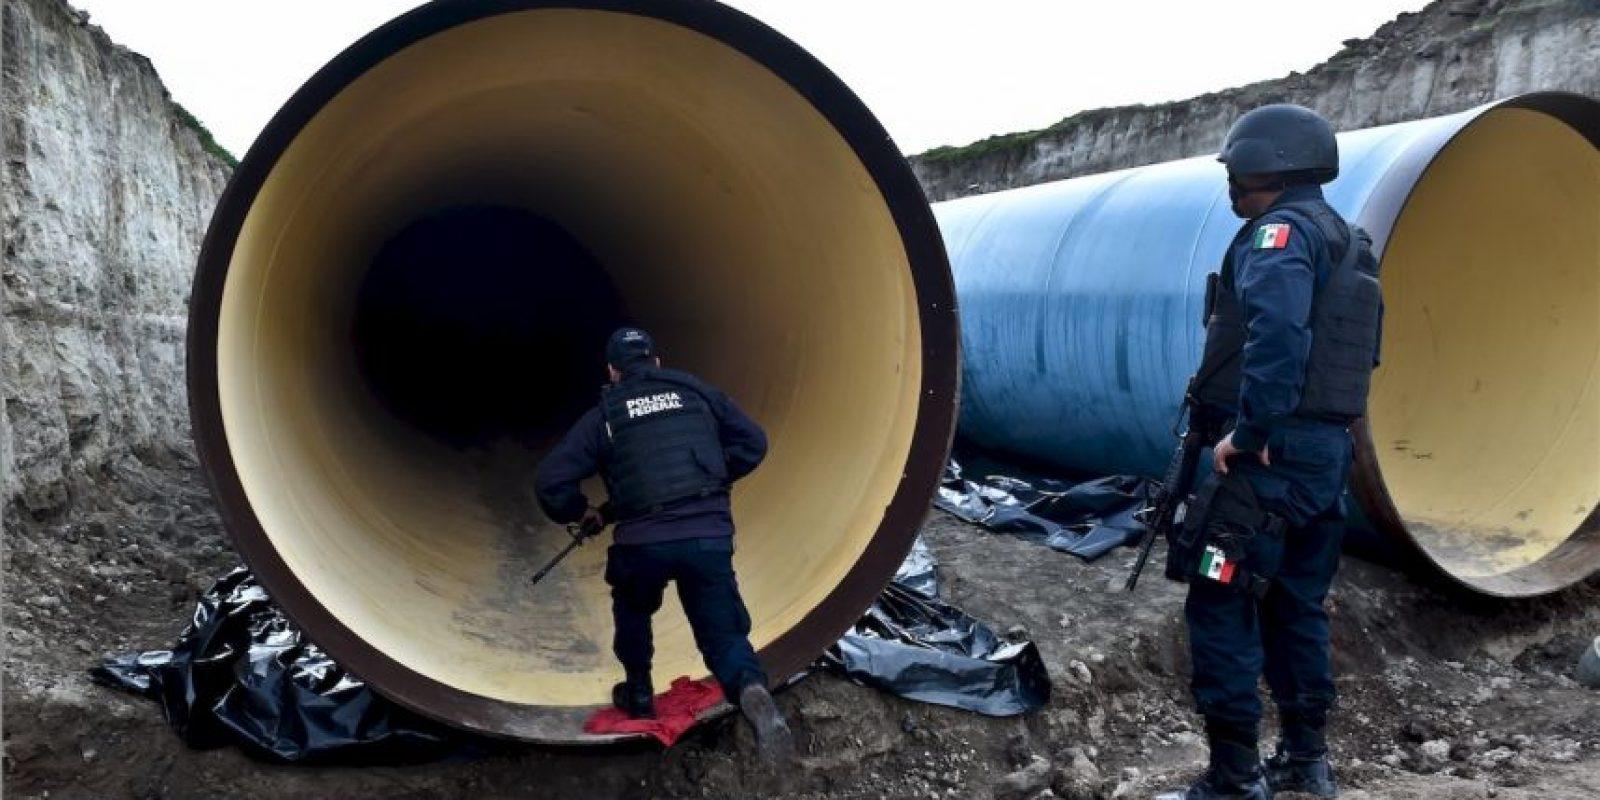 """""""Dicho orificio comunica a su vez con un conducto vertical de aproximadamente 10 metros de profundidad, habilitado con una escalera"""", explicó el funcionario mexicano. Foto:AFP"""